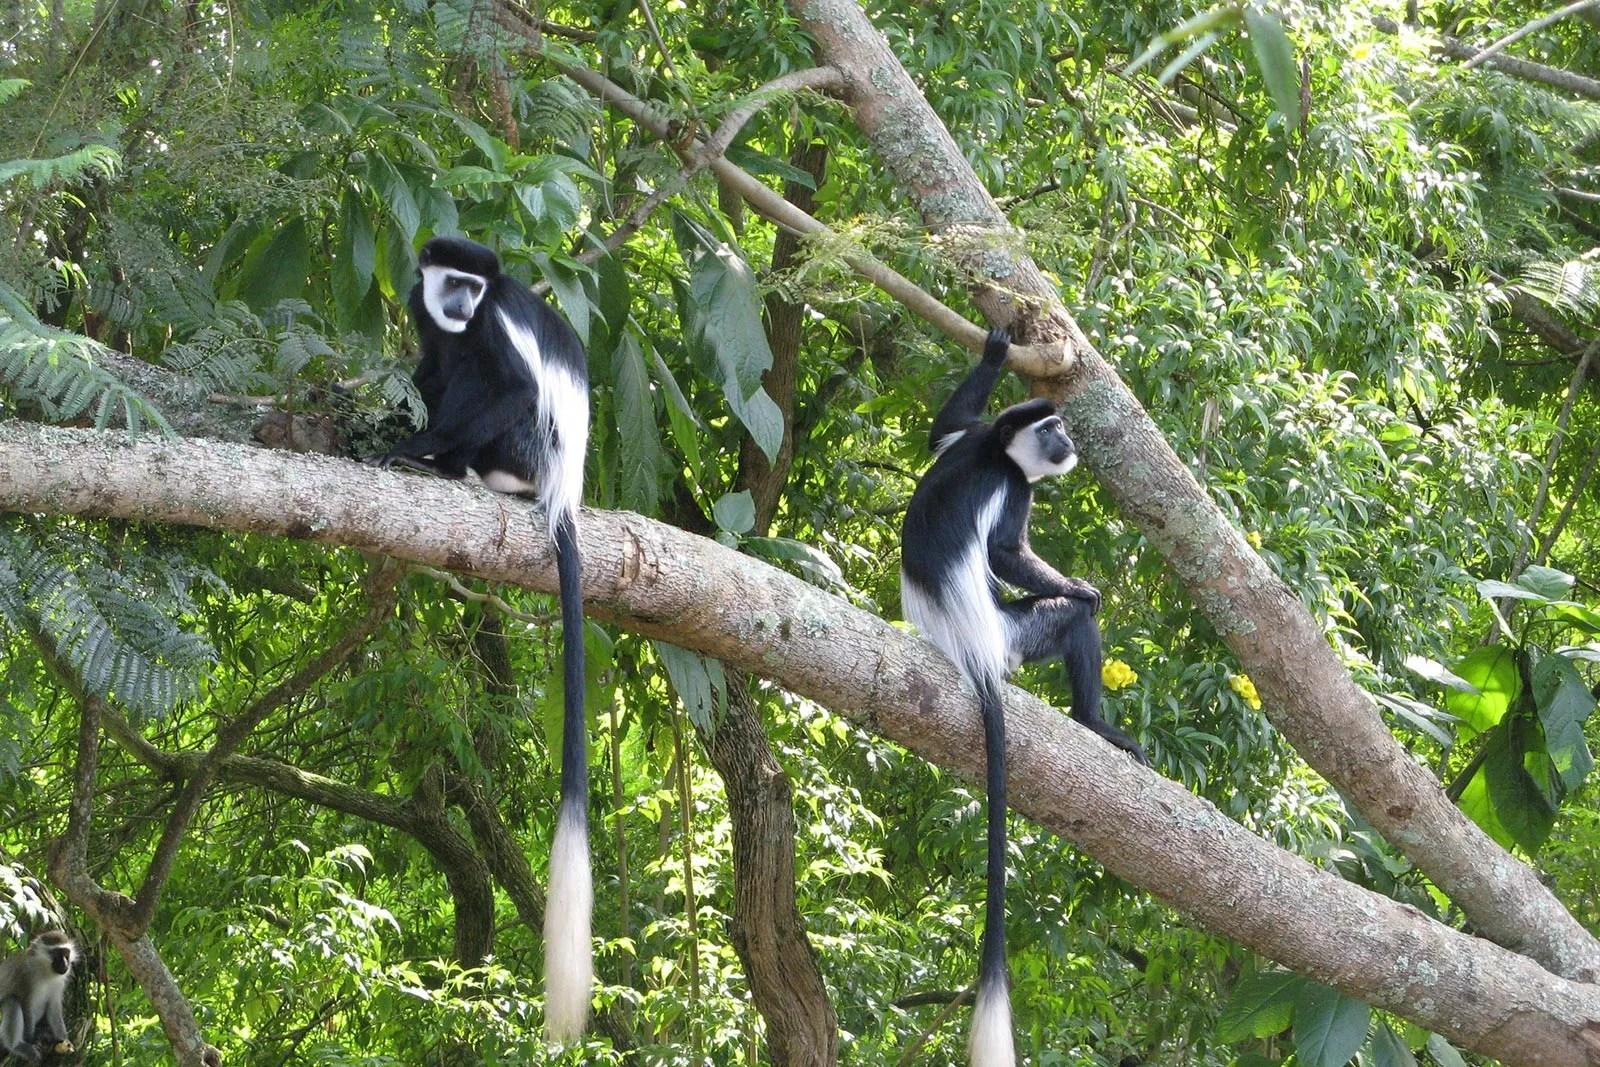 Colobus monkey Uganda primates